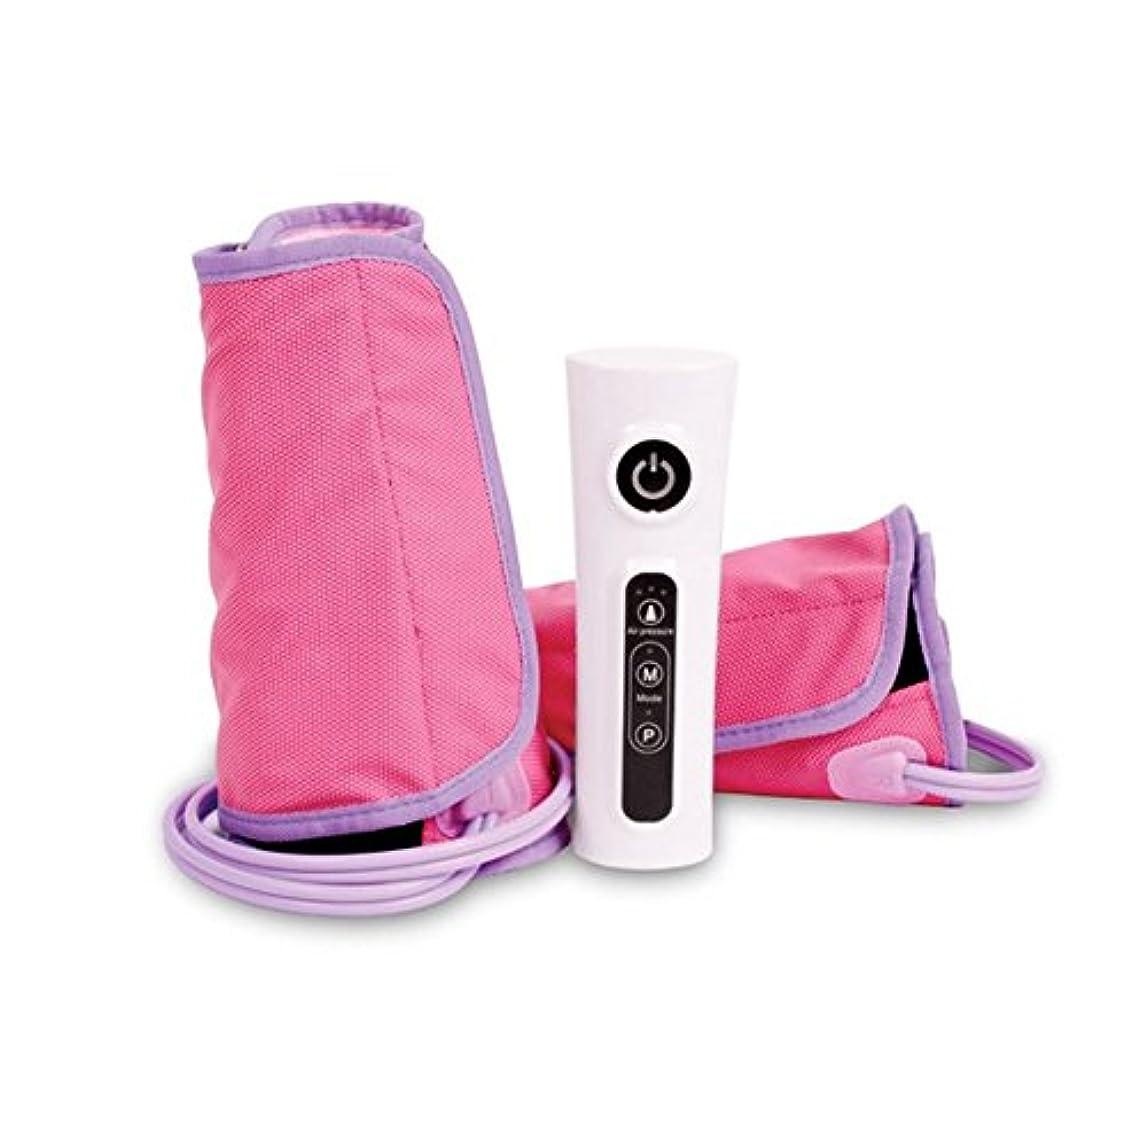 時間偏差着飾るZespa ZP418 Rechargeable Line slimming Air Compression calf Leg Arm Foot Massager 360 rotary air pressure massage...